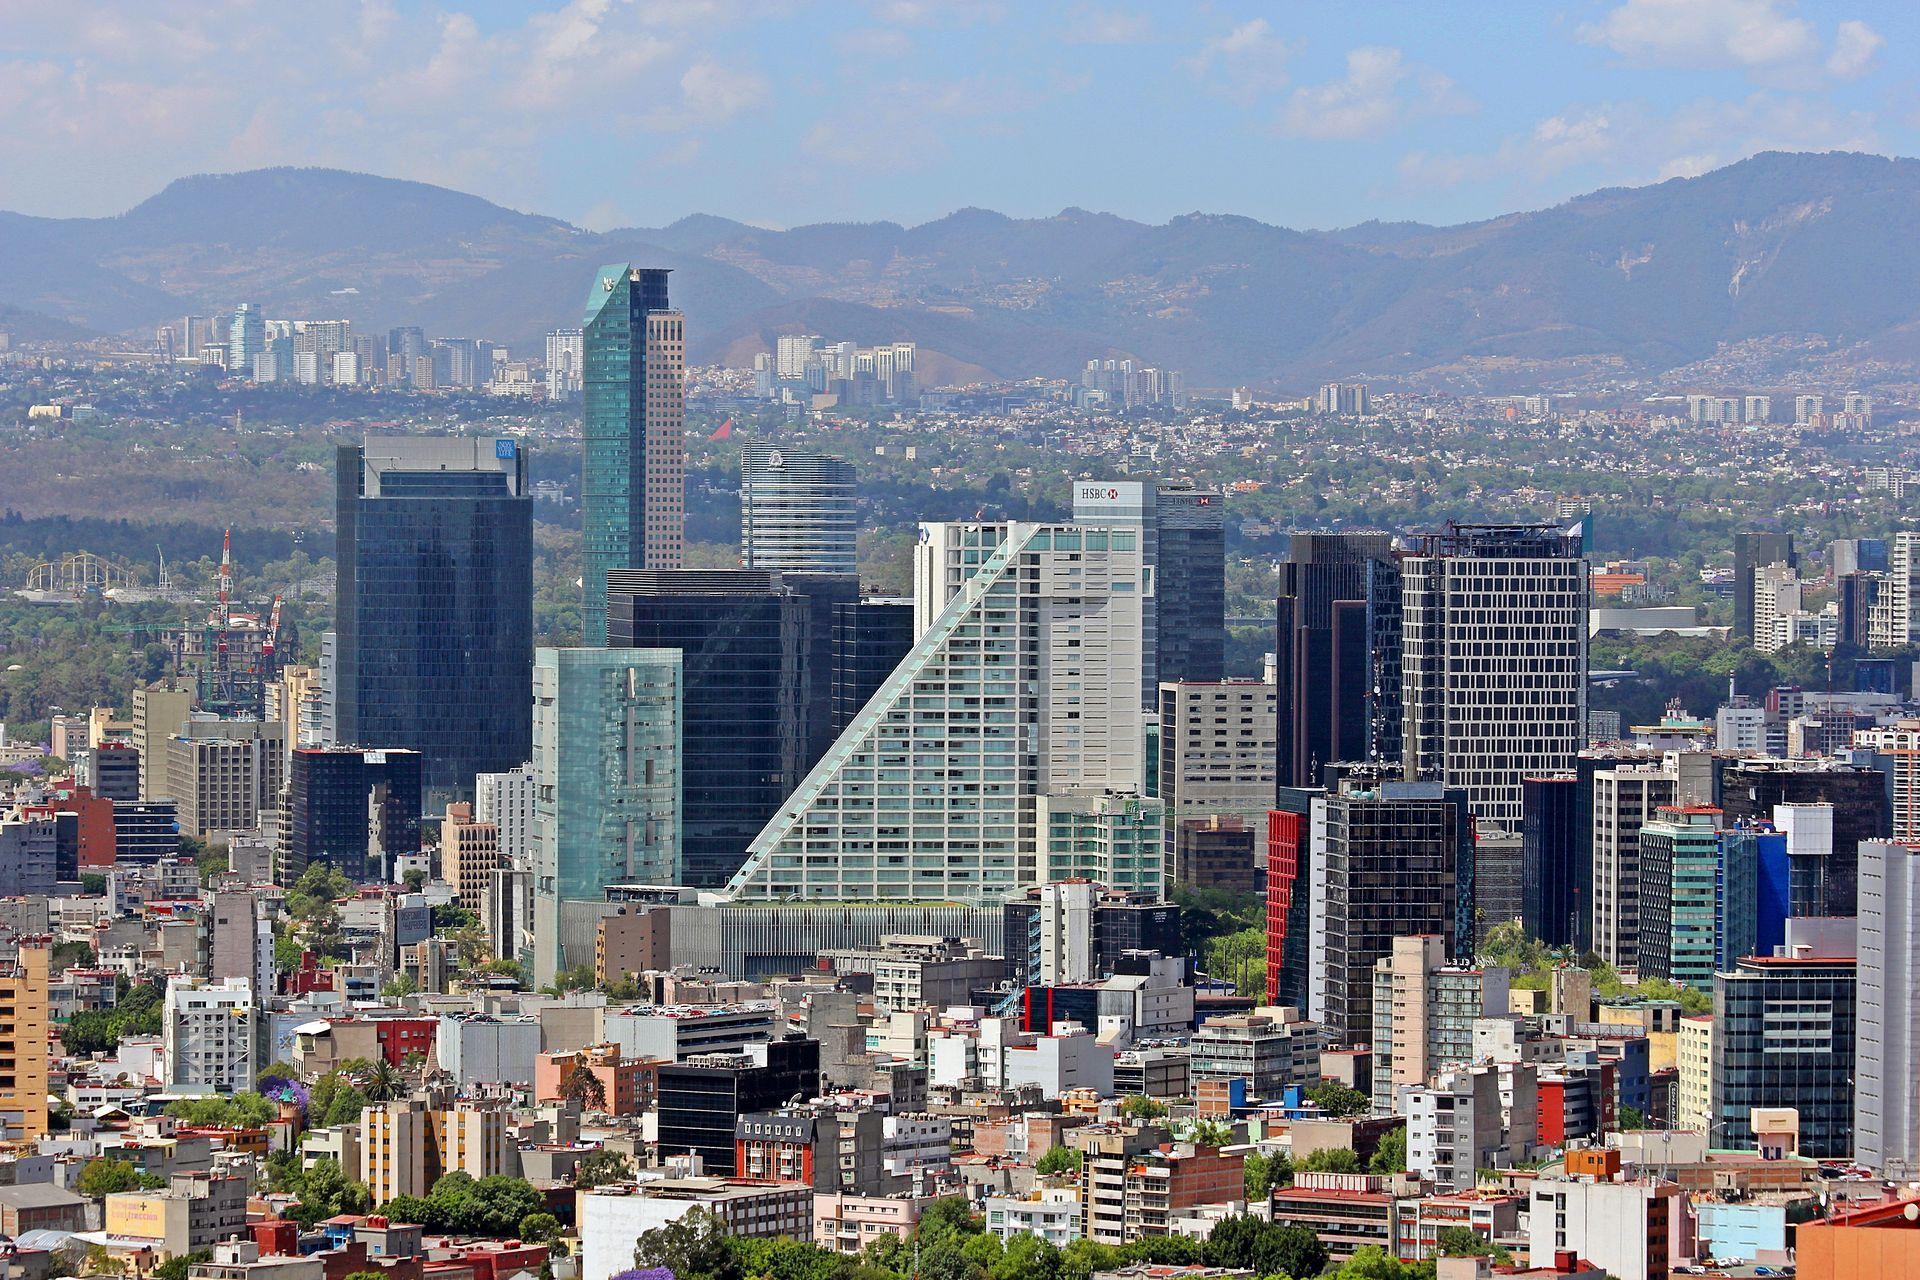 Foto de Dialoga Group, nueva operadora en México